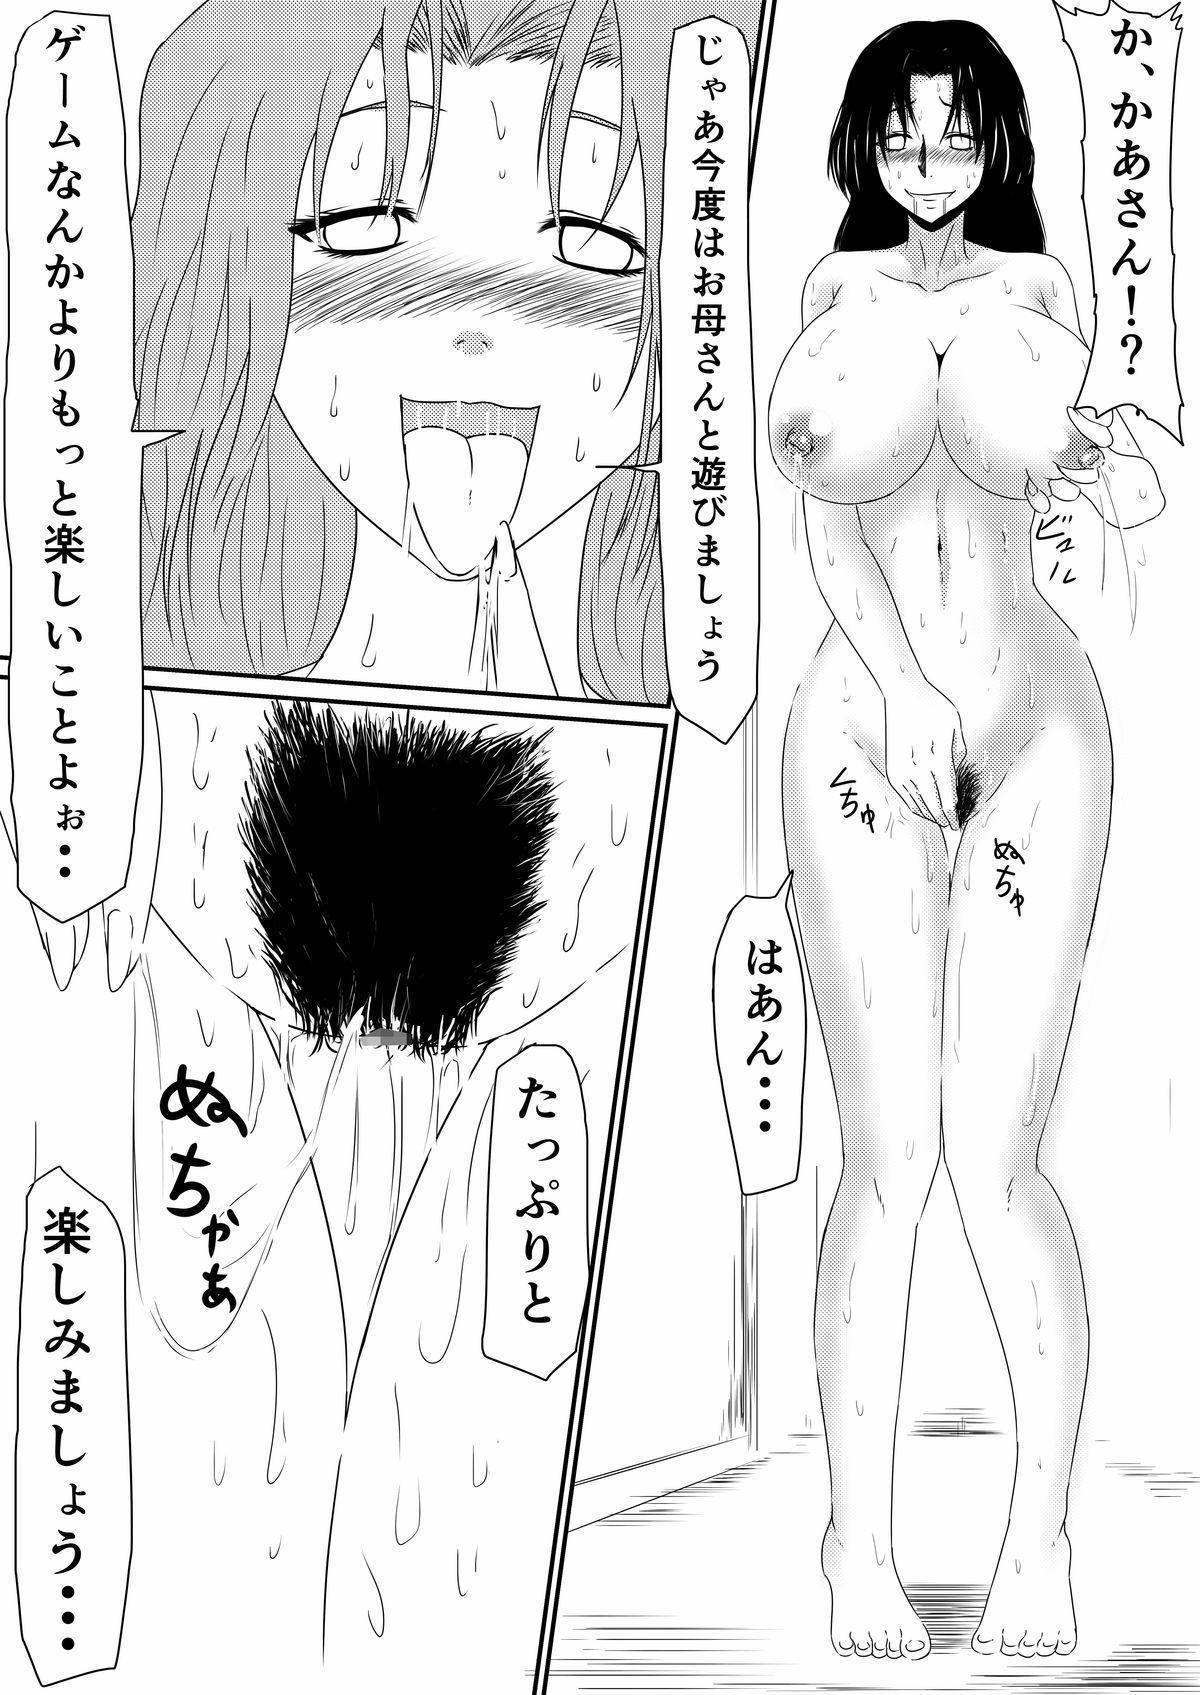 [Mikezoutei] Mashou no Chinko o Motsu Shounen ~Kare no Dankon wa Josei o Mesu e to Kaeru~ Zenpen 55